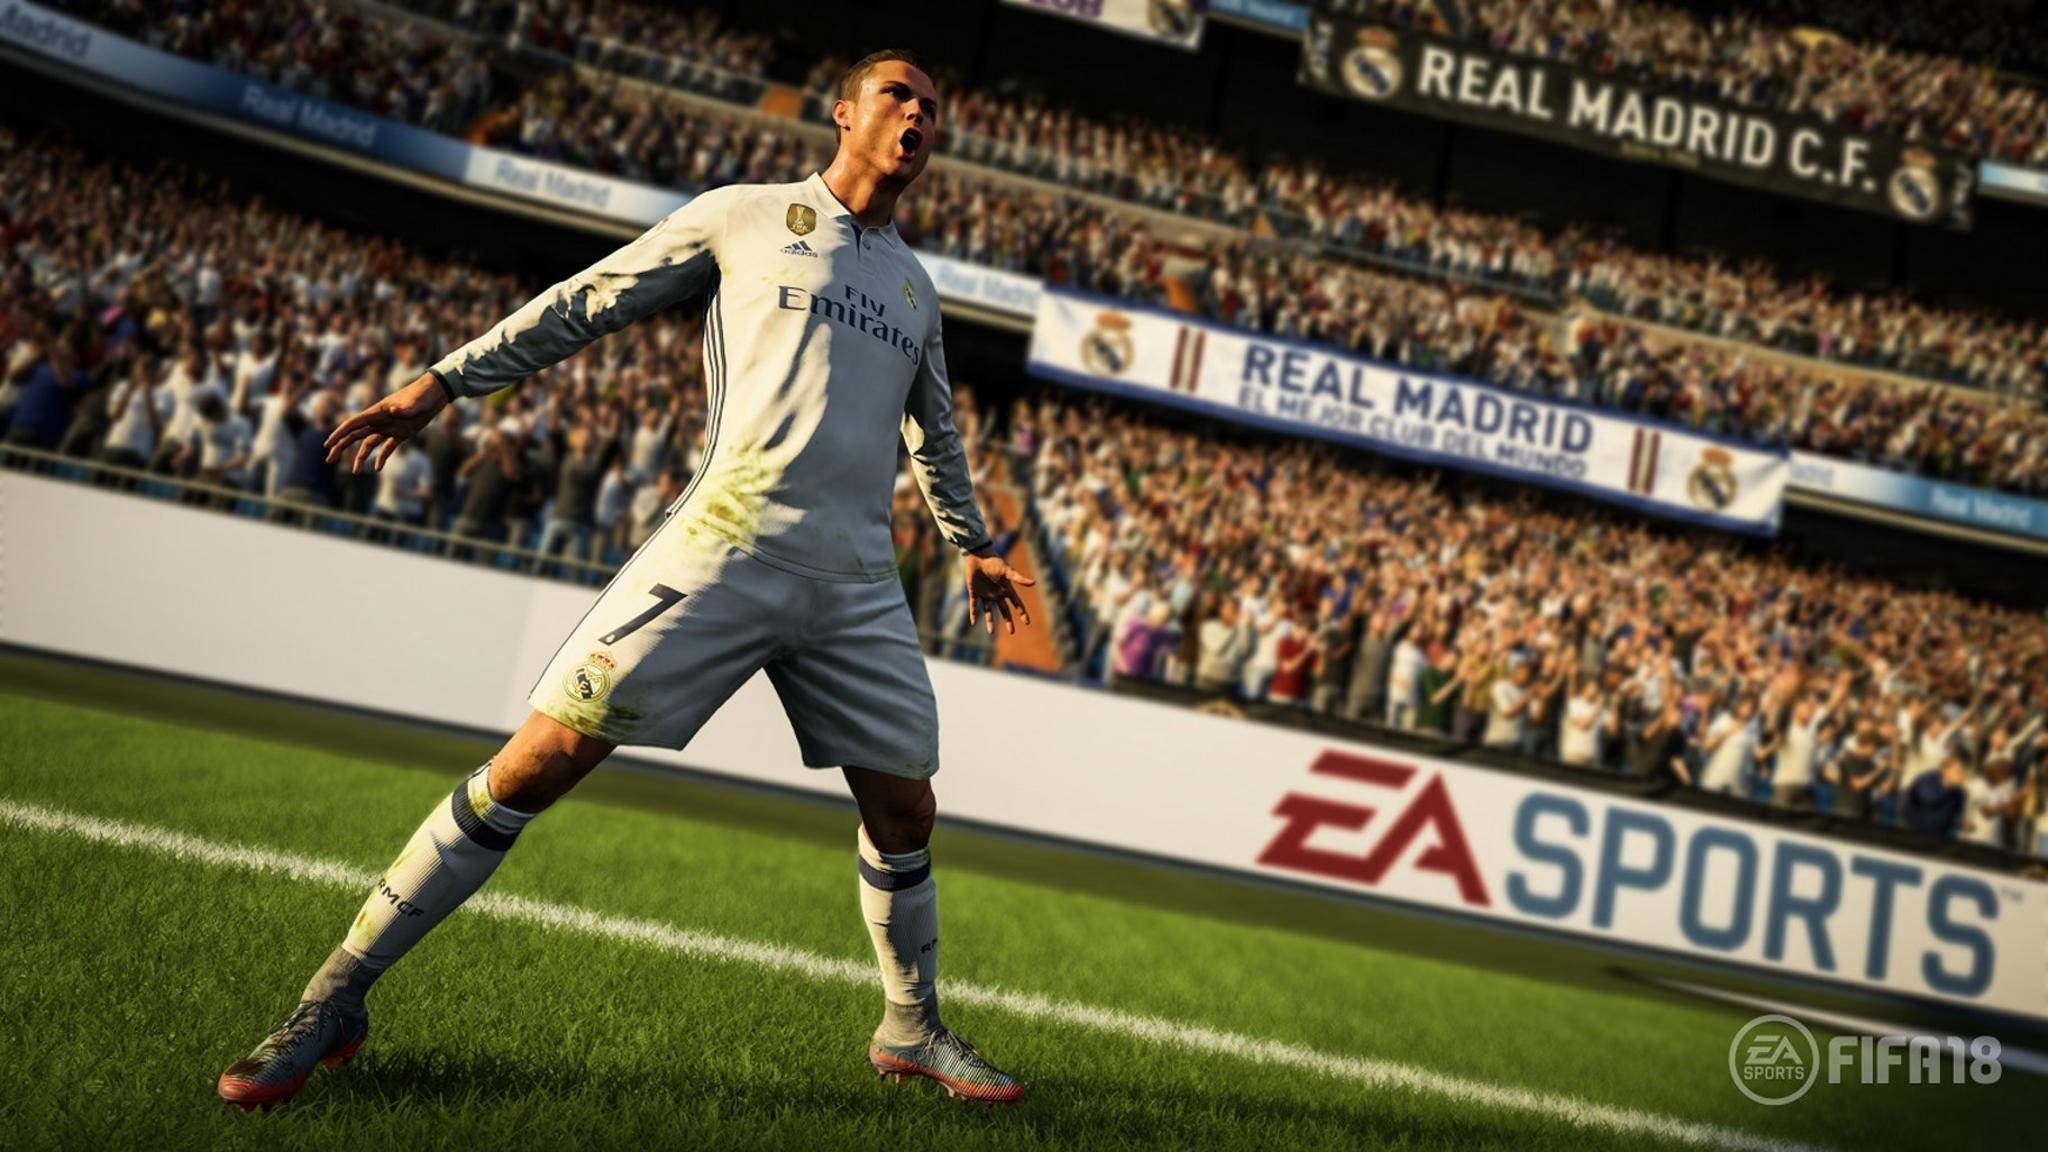 """Es ist zum Ausrasten: """"FIFA 18"""" hat schon wieder Stressmit einem nervigen Fehler."""